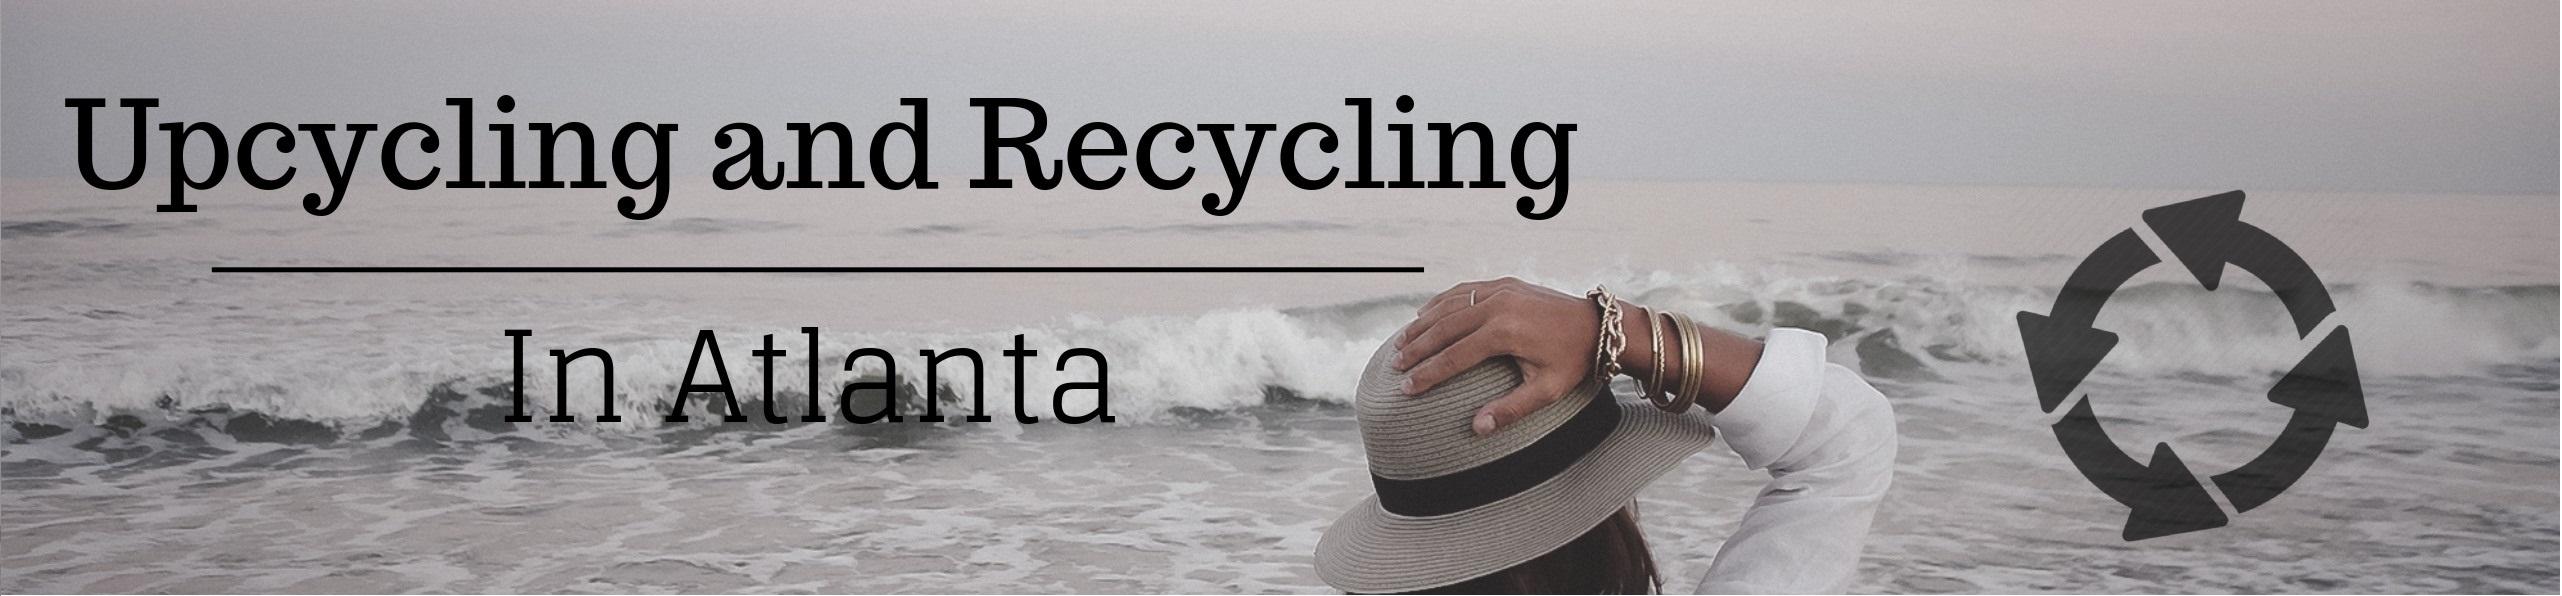 waves crashing: upcycling and recycling in atlanta